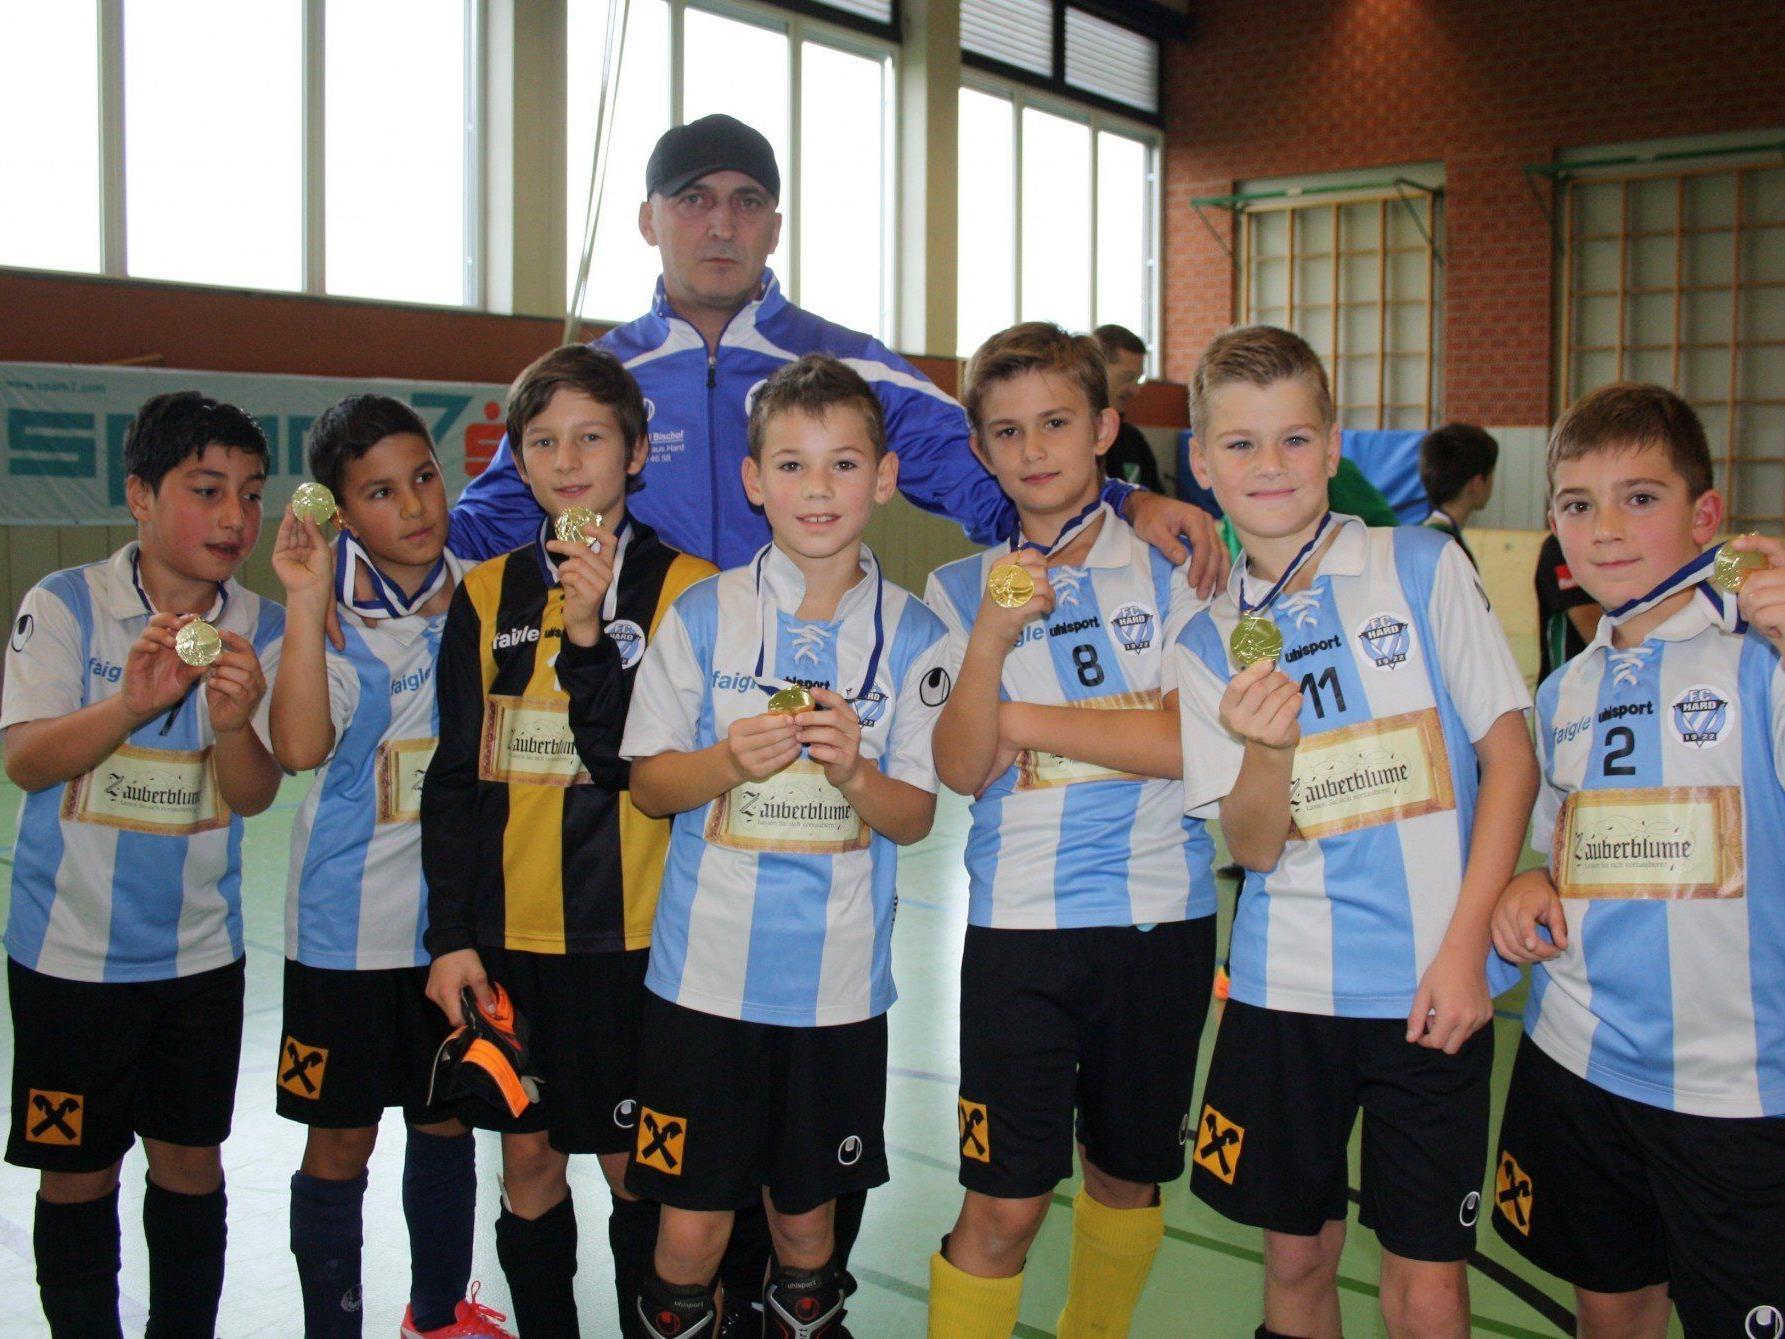 Mit Stolz präsentieren die jungen Fußballer des FC Hard A (U 11) ihre Medaille.